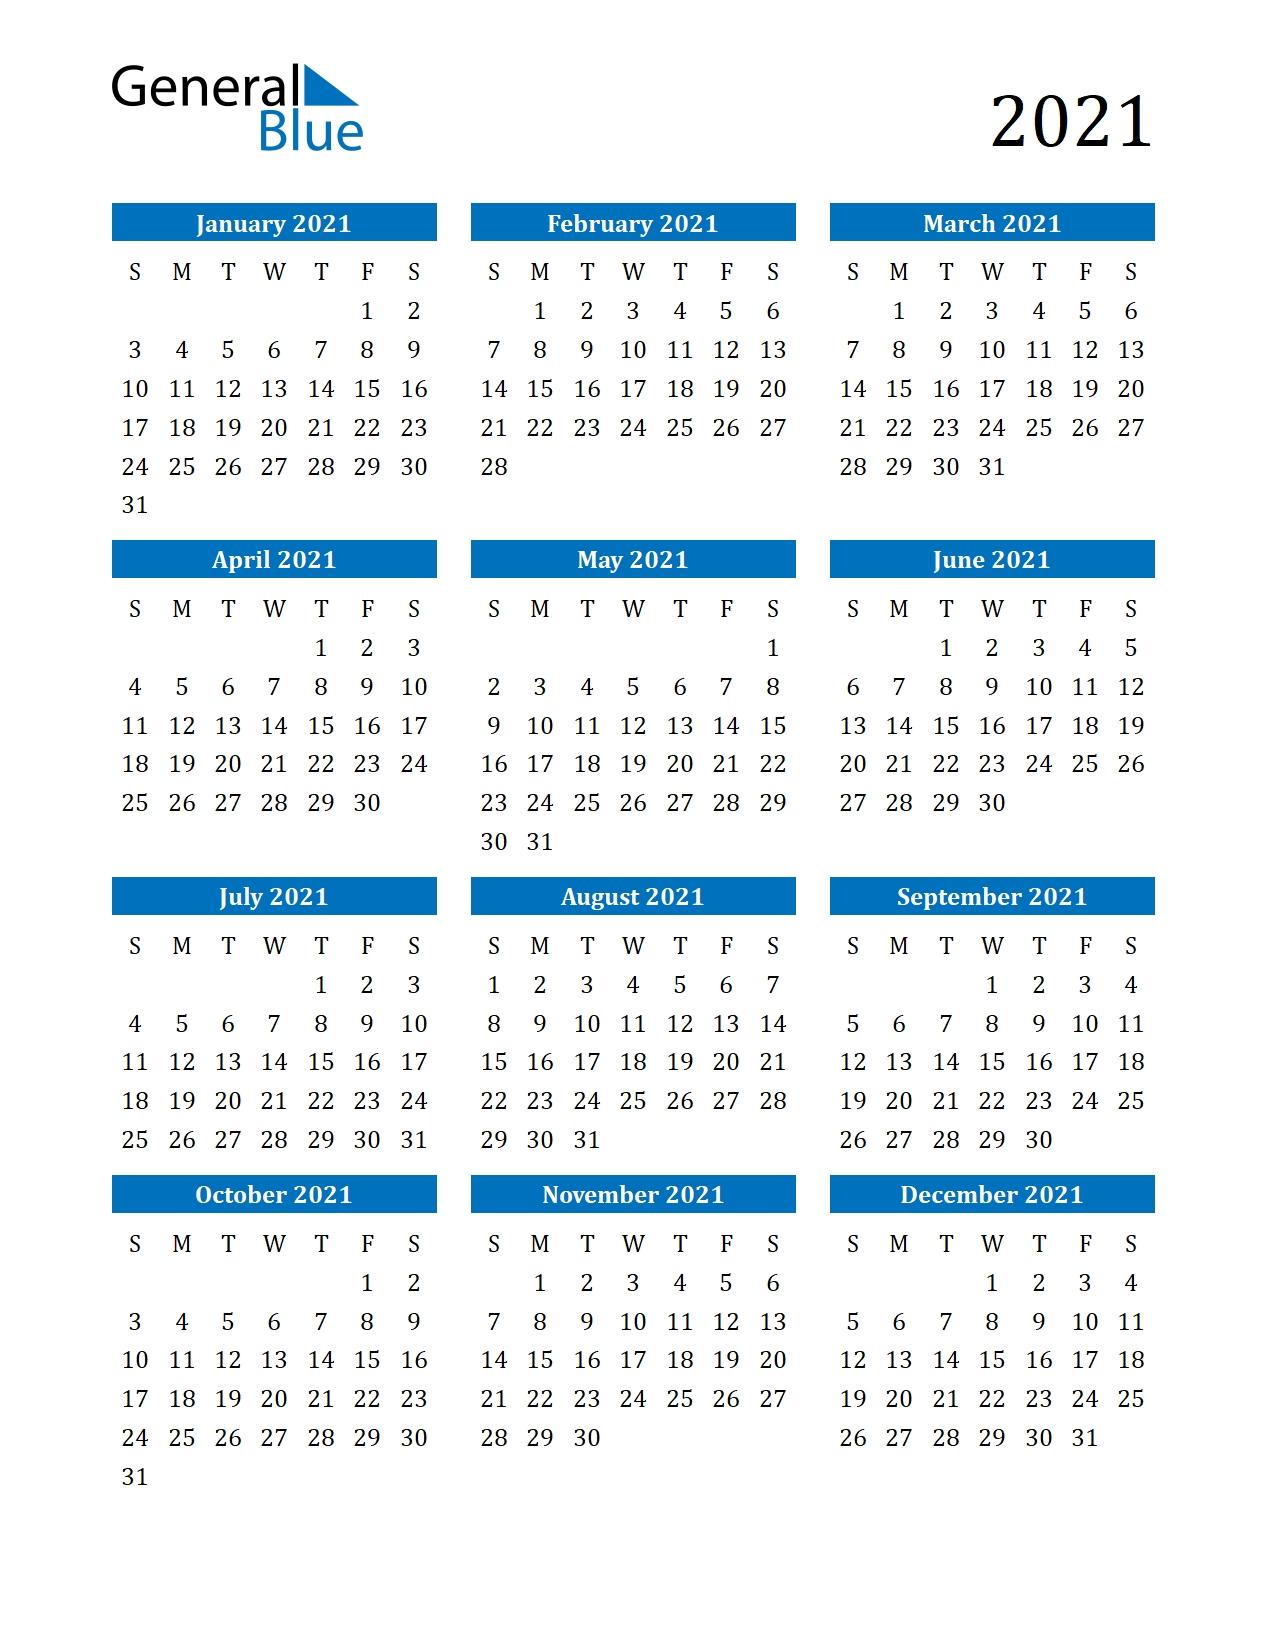 Catch Calendar August 2021 Through December 2021